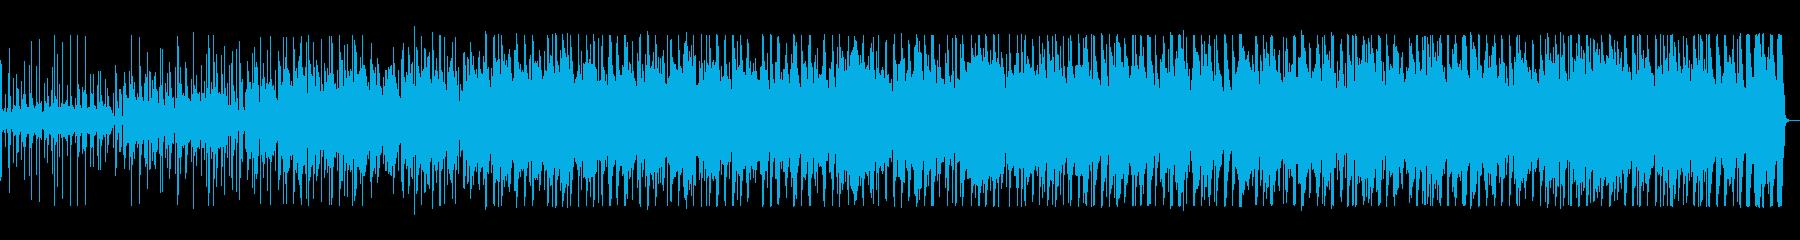 カントリー調の愉快な音楽の再生済みの波形